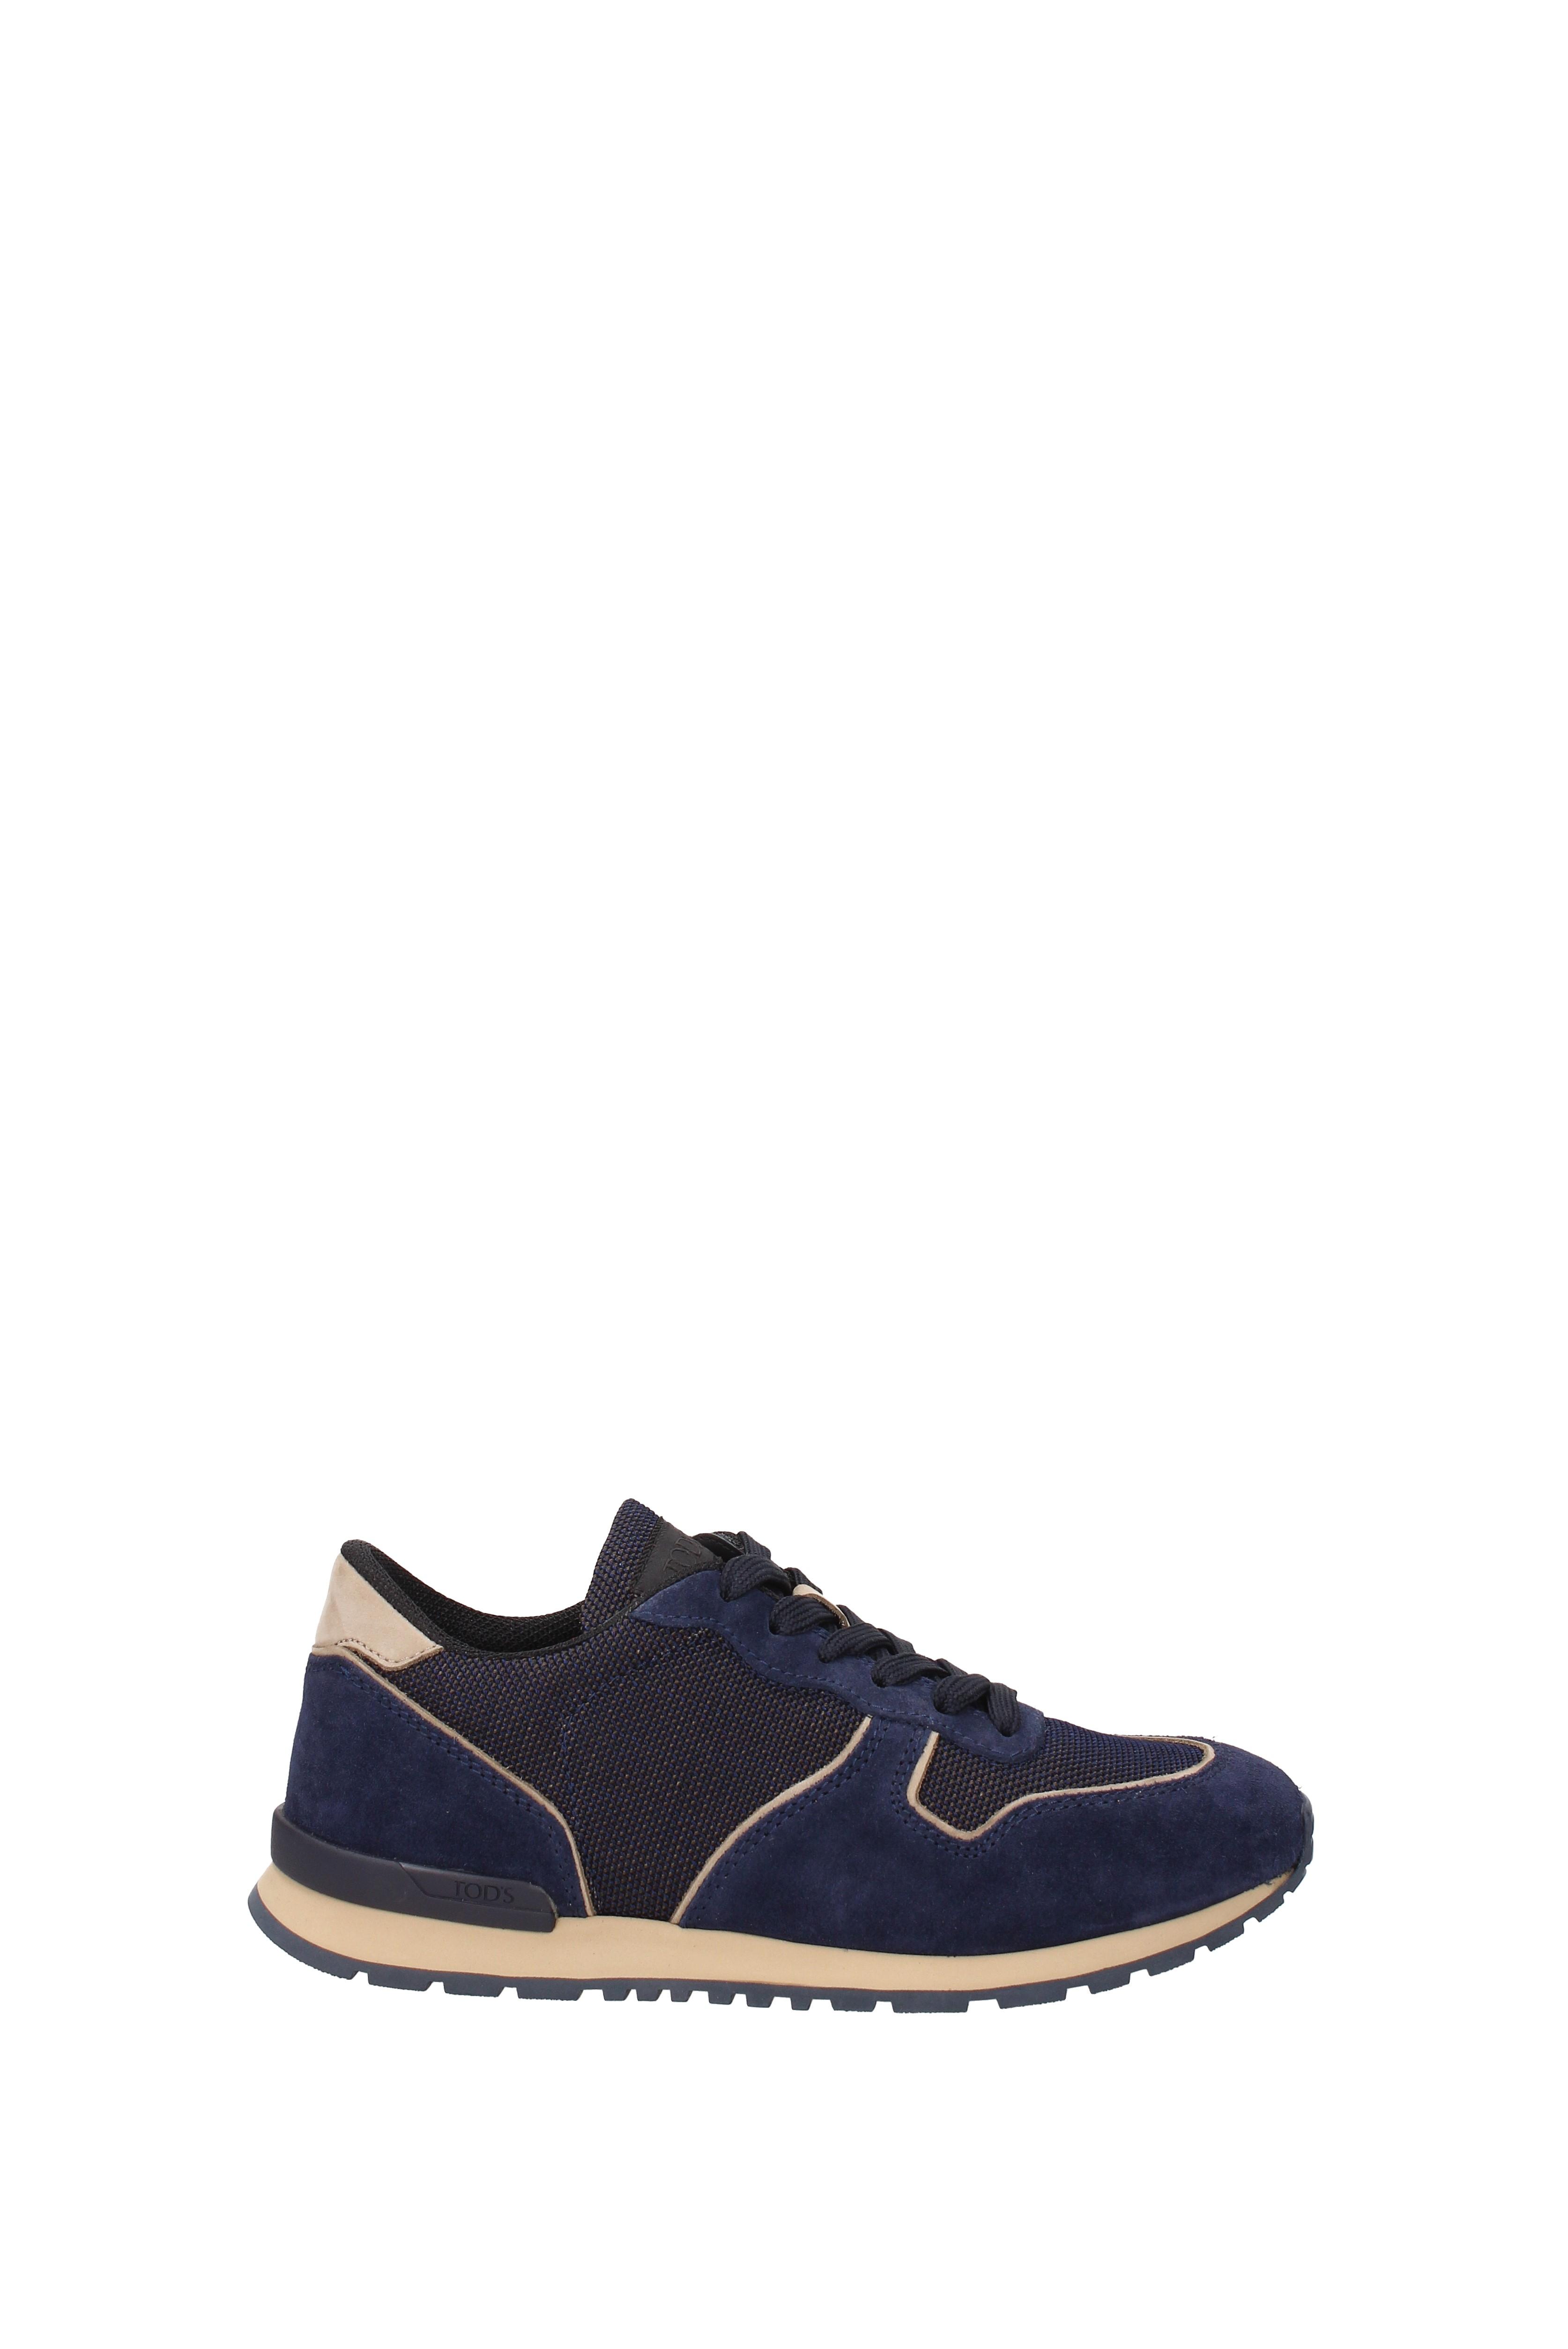 Sneakers (XXM0VJ0L8109TT) Tod's Herren - Stoff (XXM0VJ0L8109TT) Sneakers c8265c